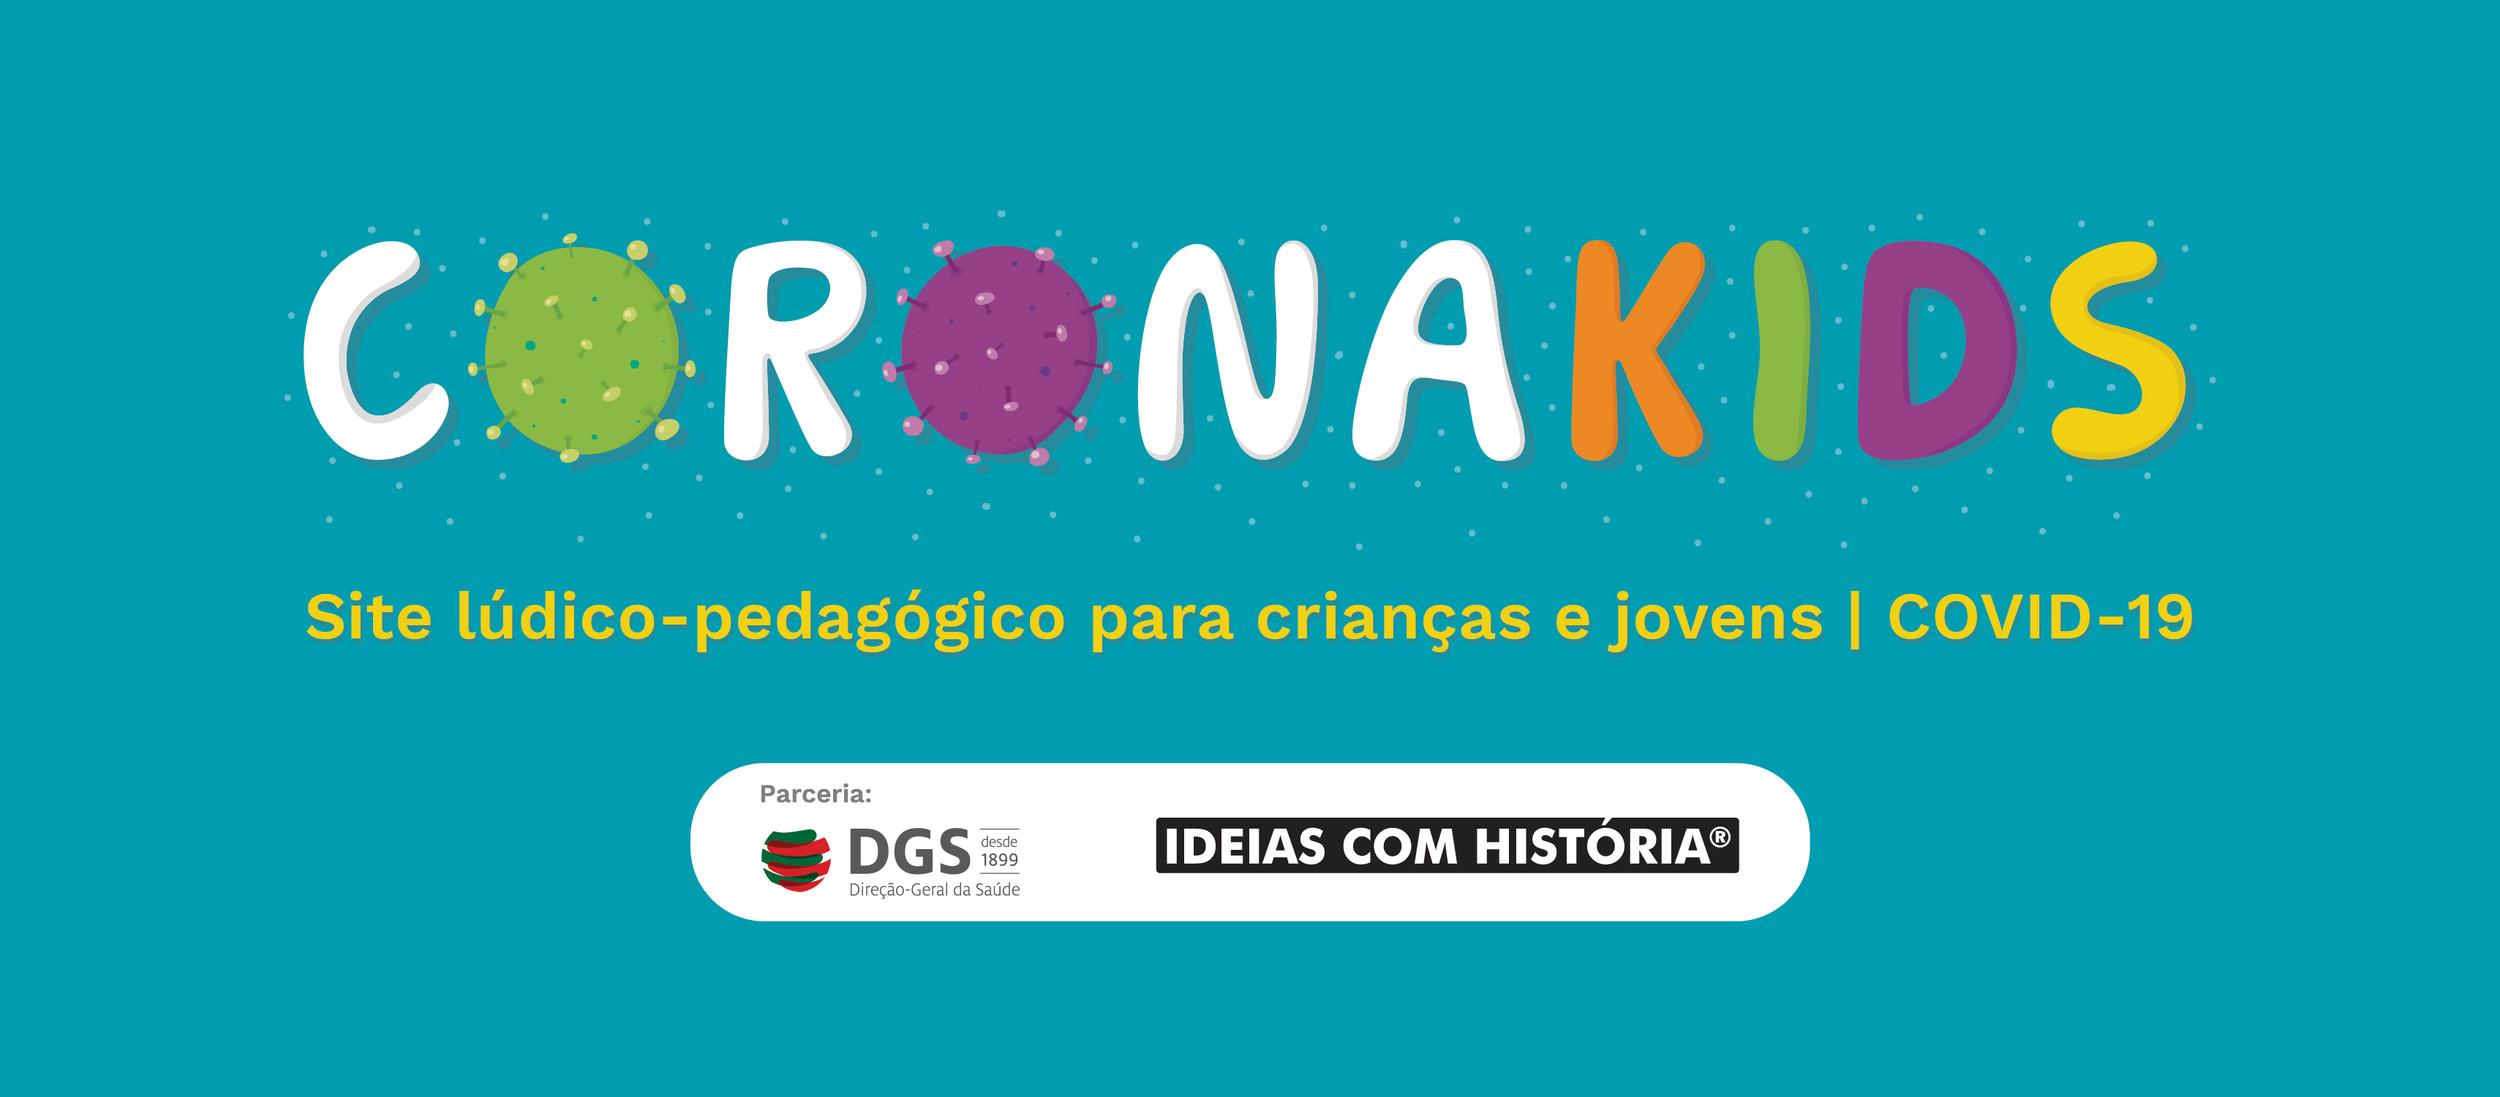 CoronaKids   Site lúdico-pedagógico